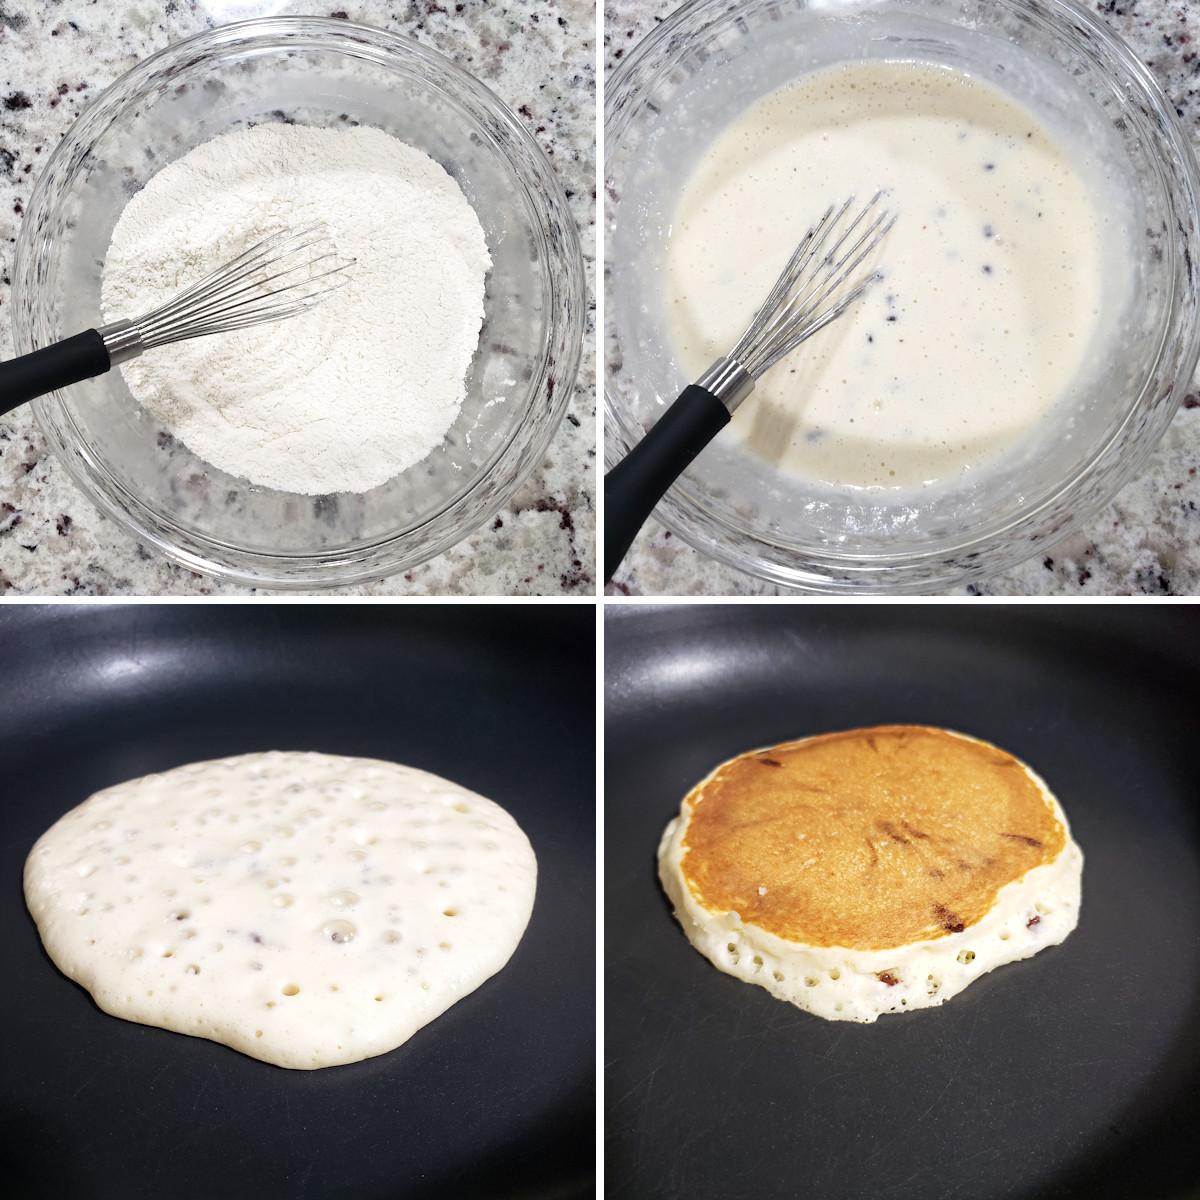 Mixing pancake batter and making a pancake in a skillet.